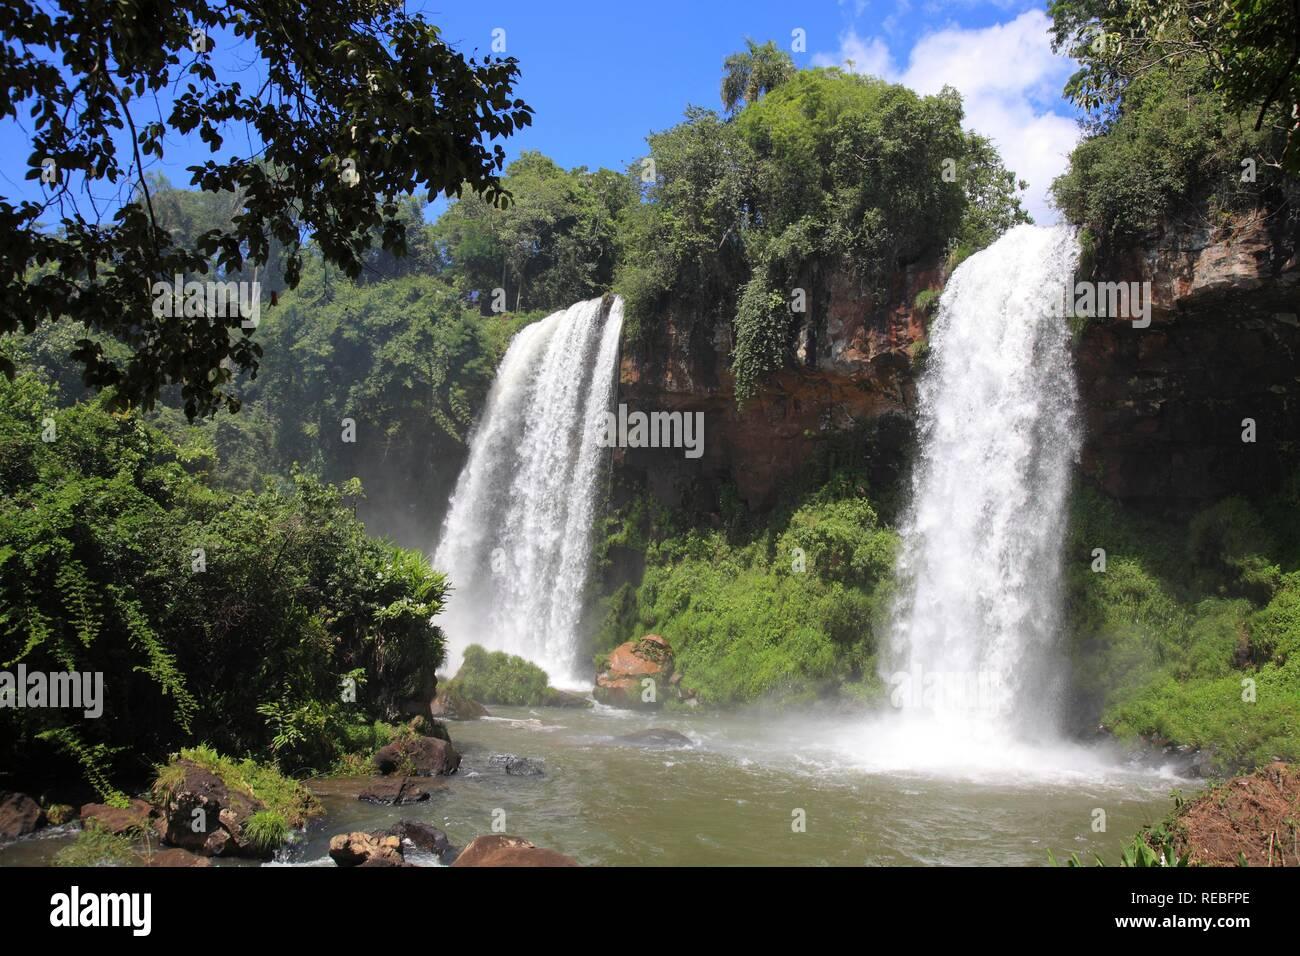 Rio Iguazu, Misiones Province, Argentina - Stock Image